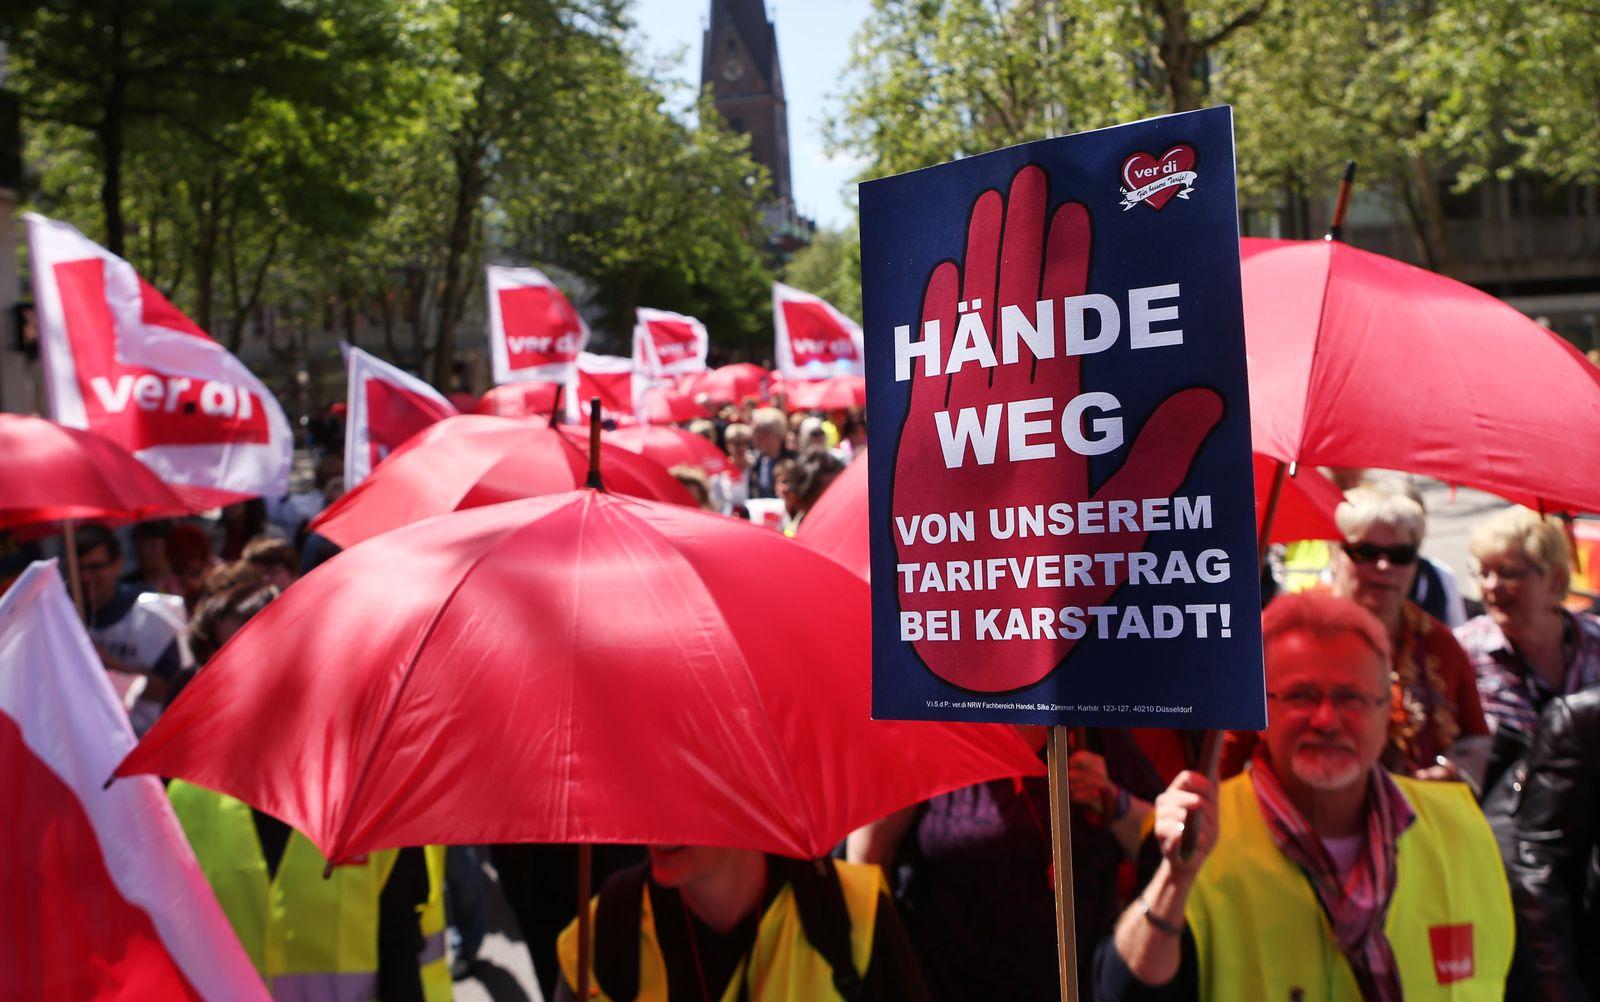 Karstadt / Warnstreik